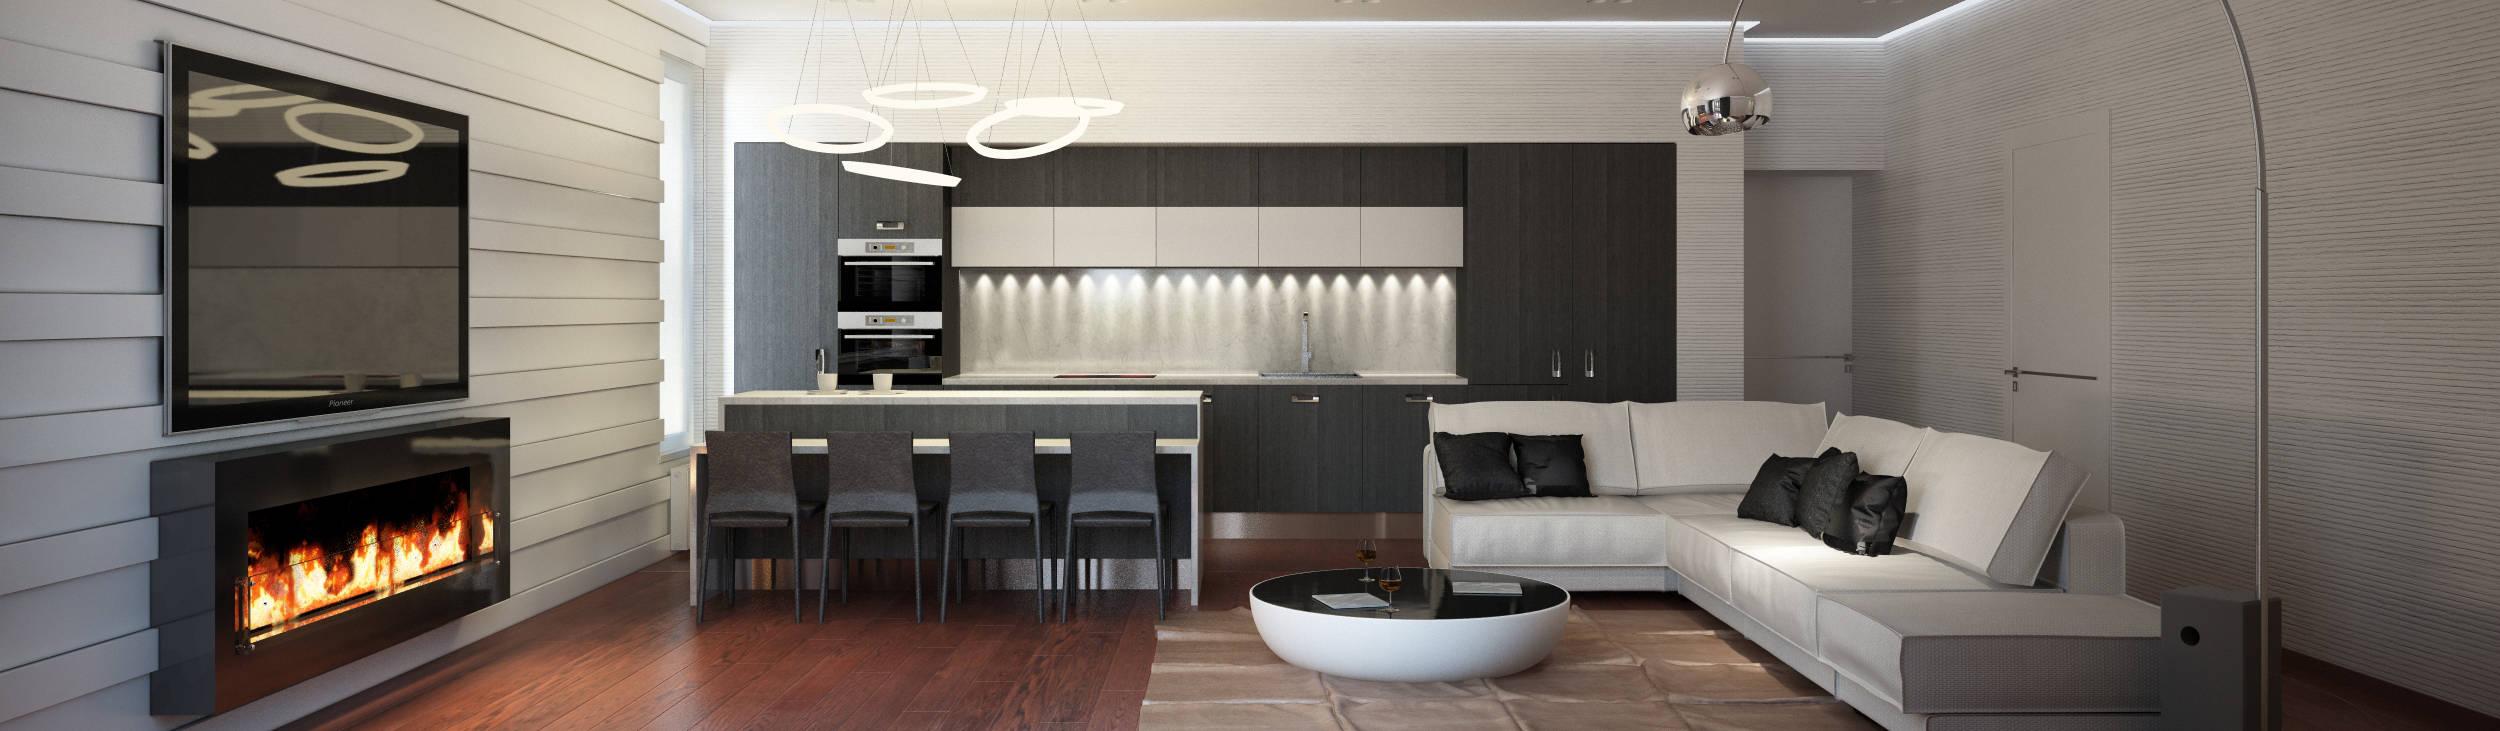 BIARTI – создаем минималистский дизайн интерьеров